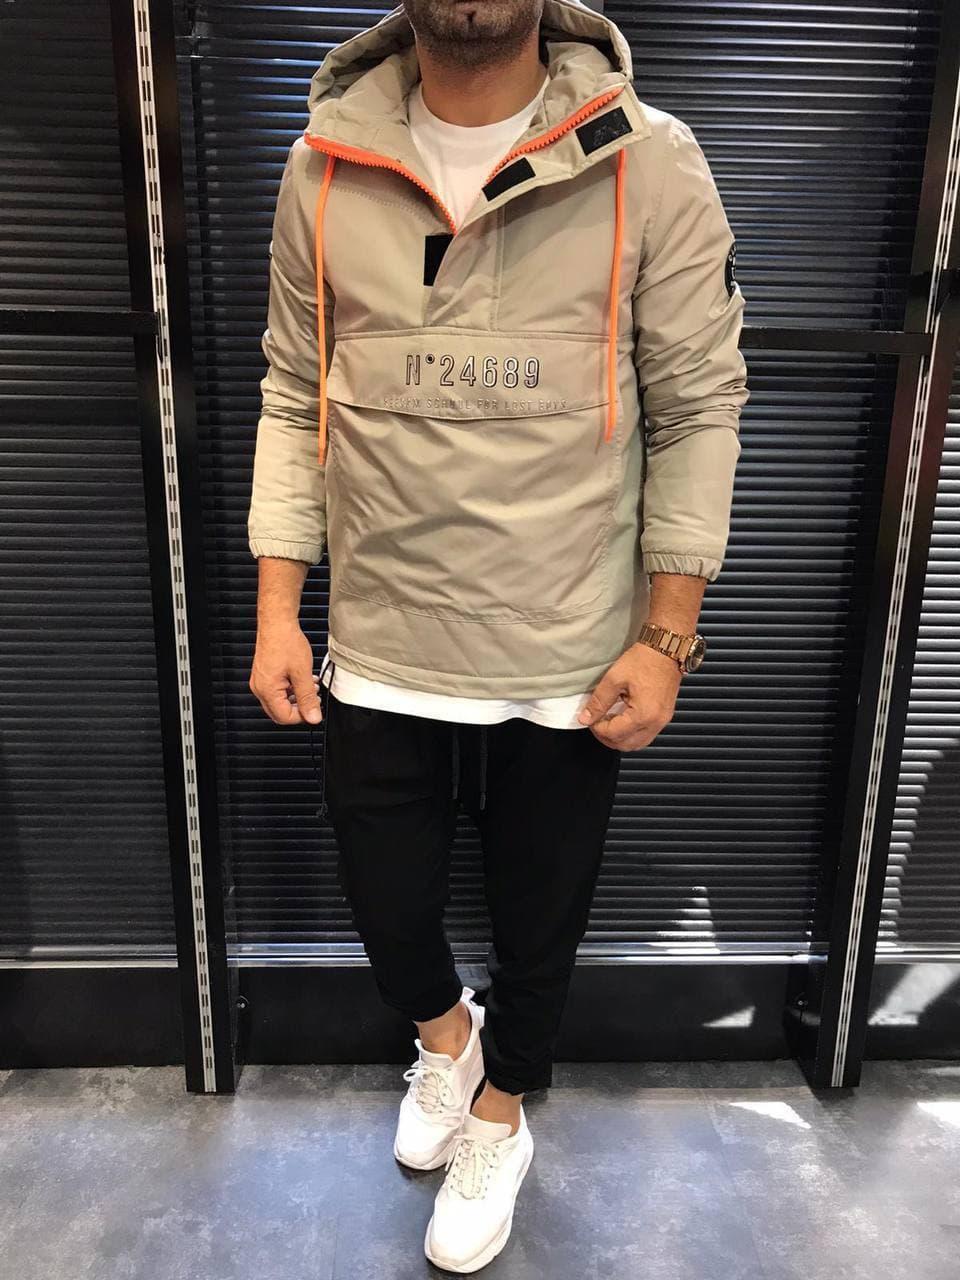 Вітровка анорак сірий чоловічий, куртки Туреччина (анорак демісезонний весна - осінь) куртка з капюшоном